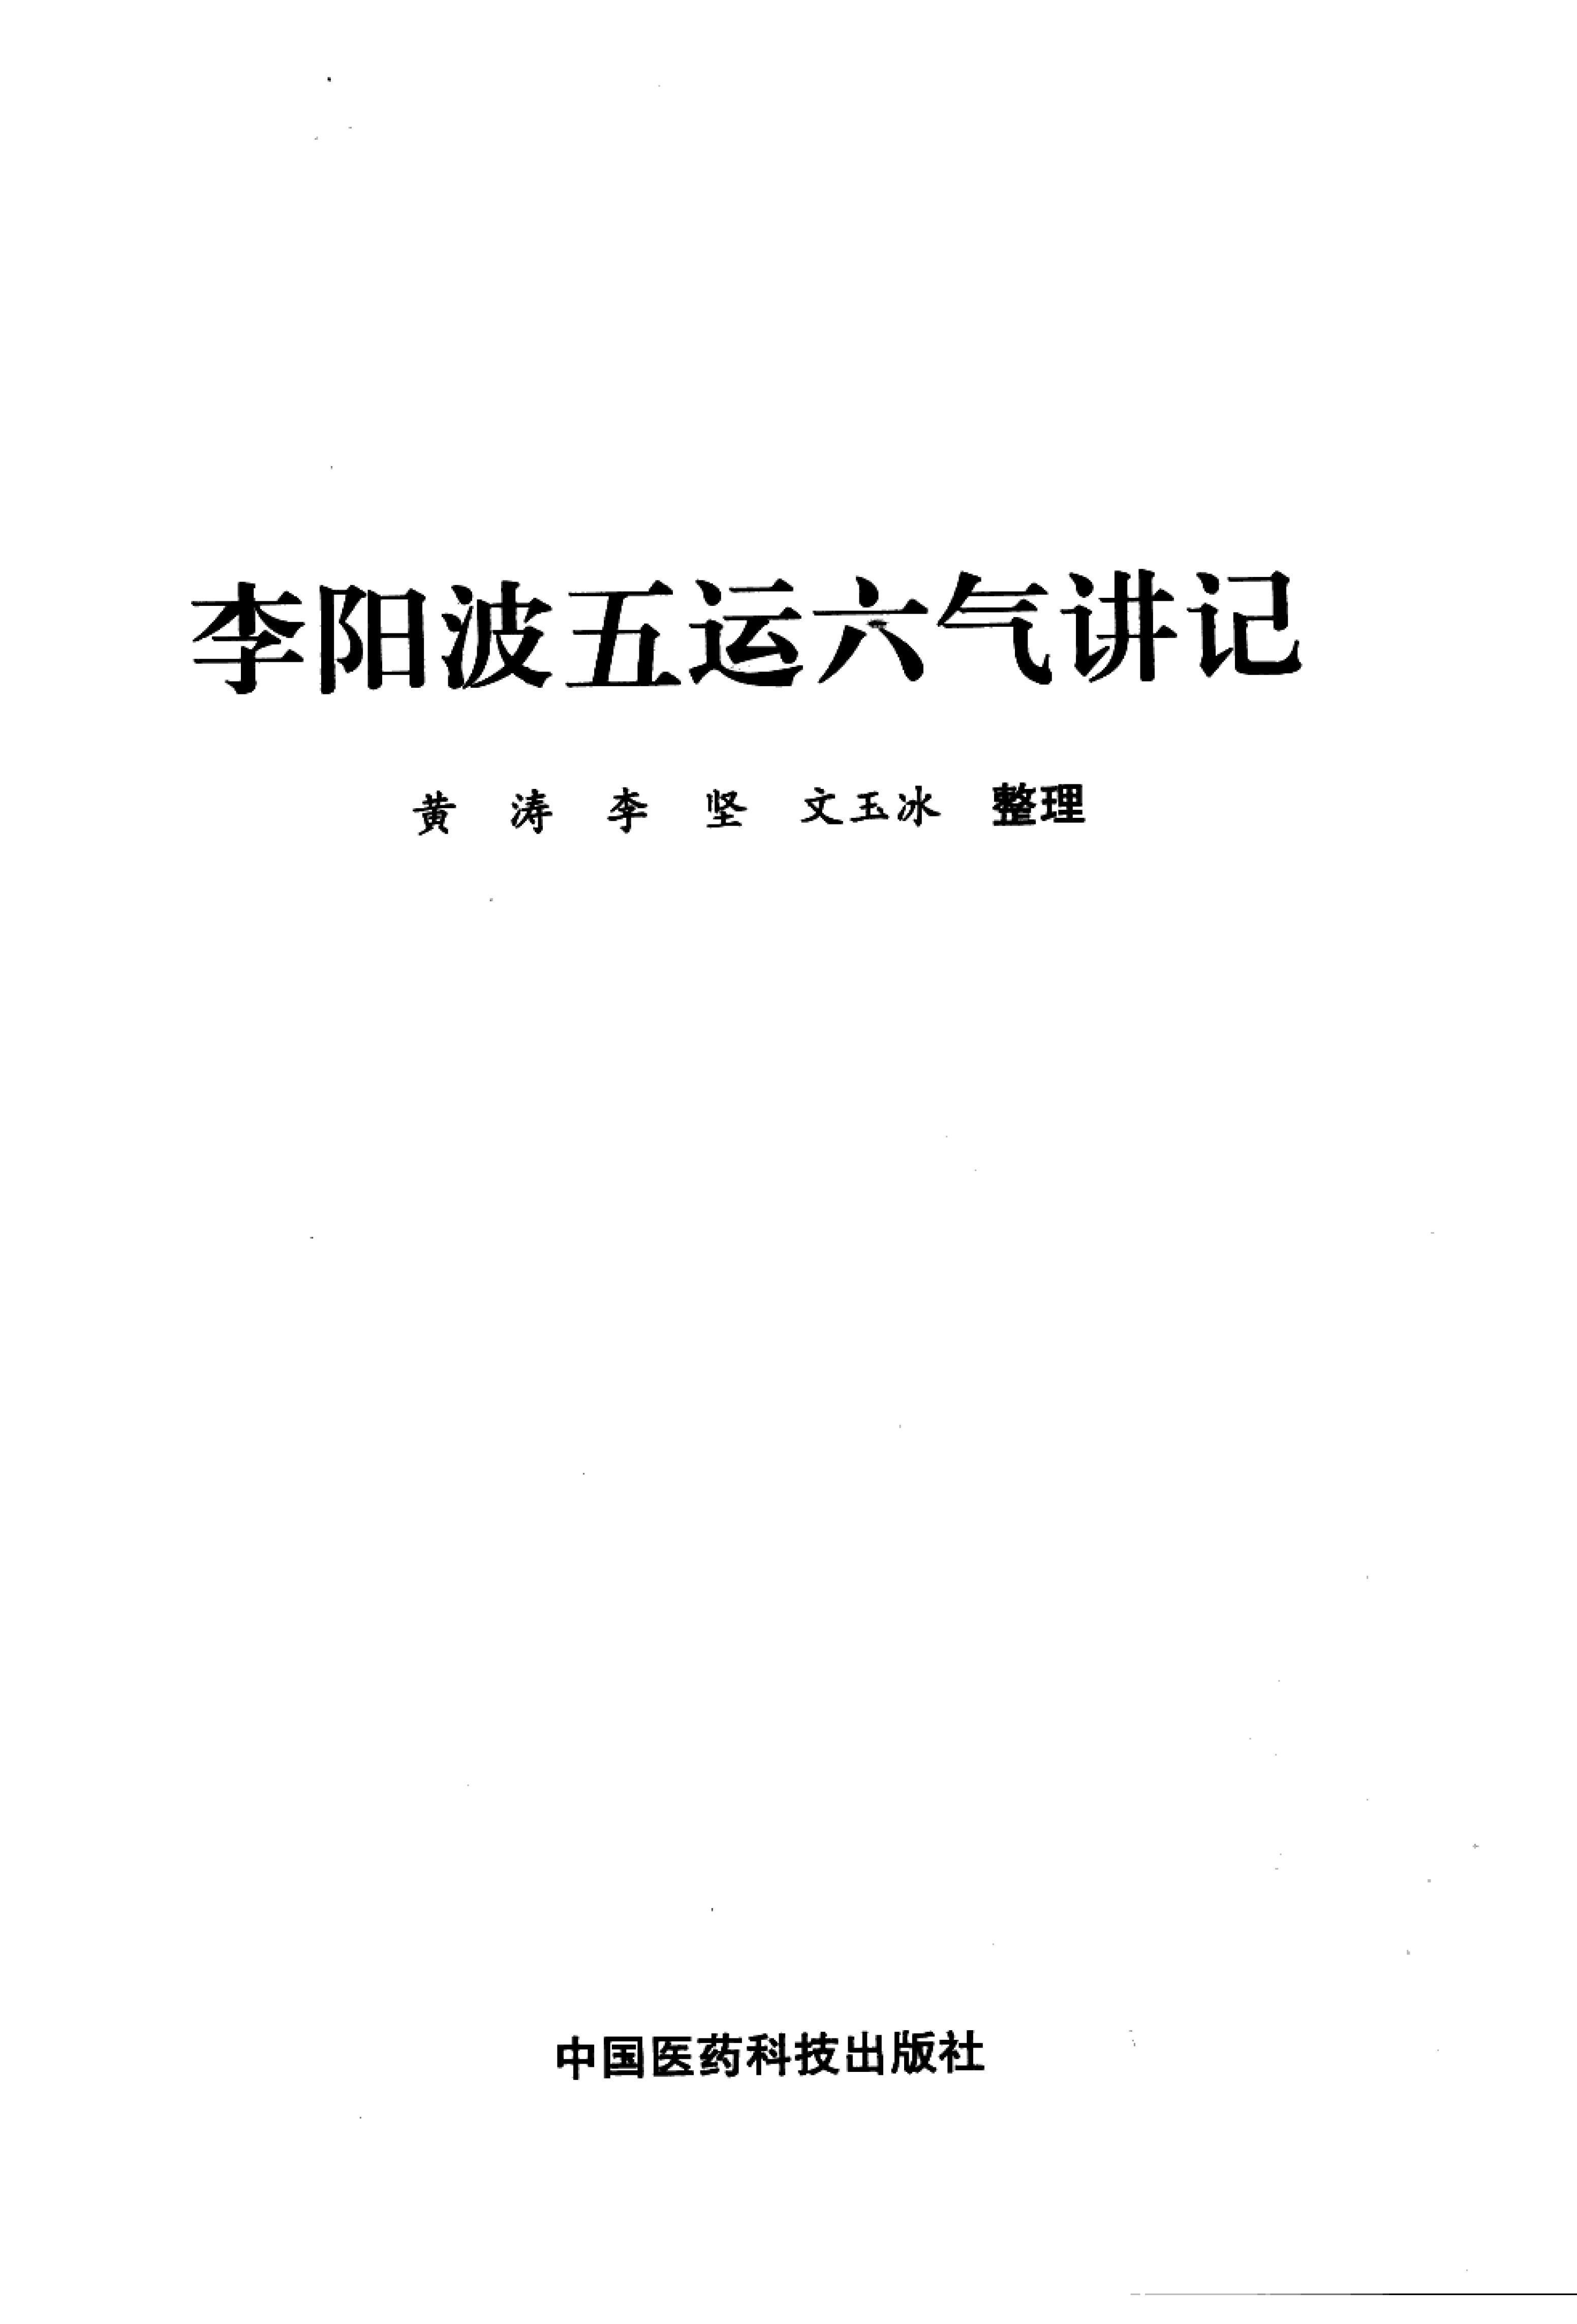 李阳波五运六气讲记(黄涛 李坚 文玉冰整理)_12968554_02.jpg